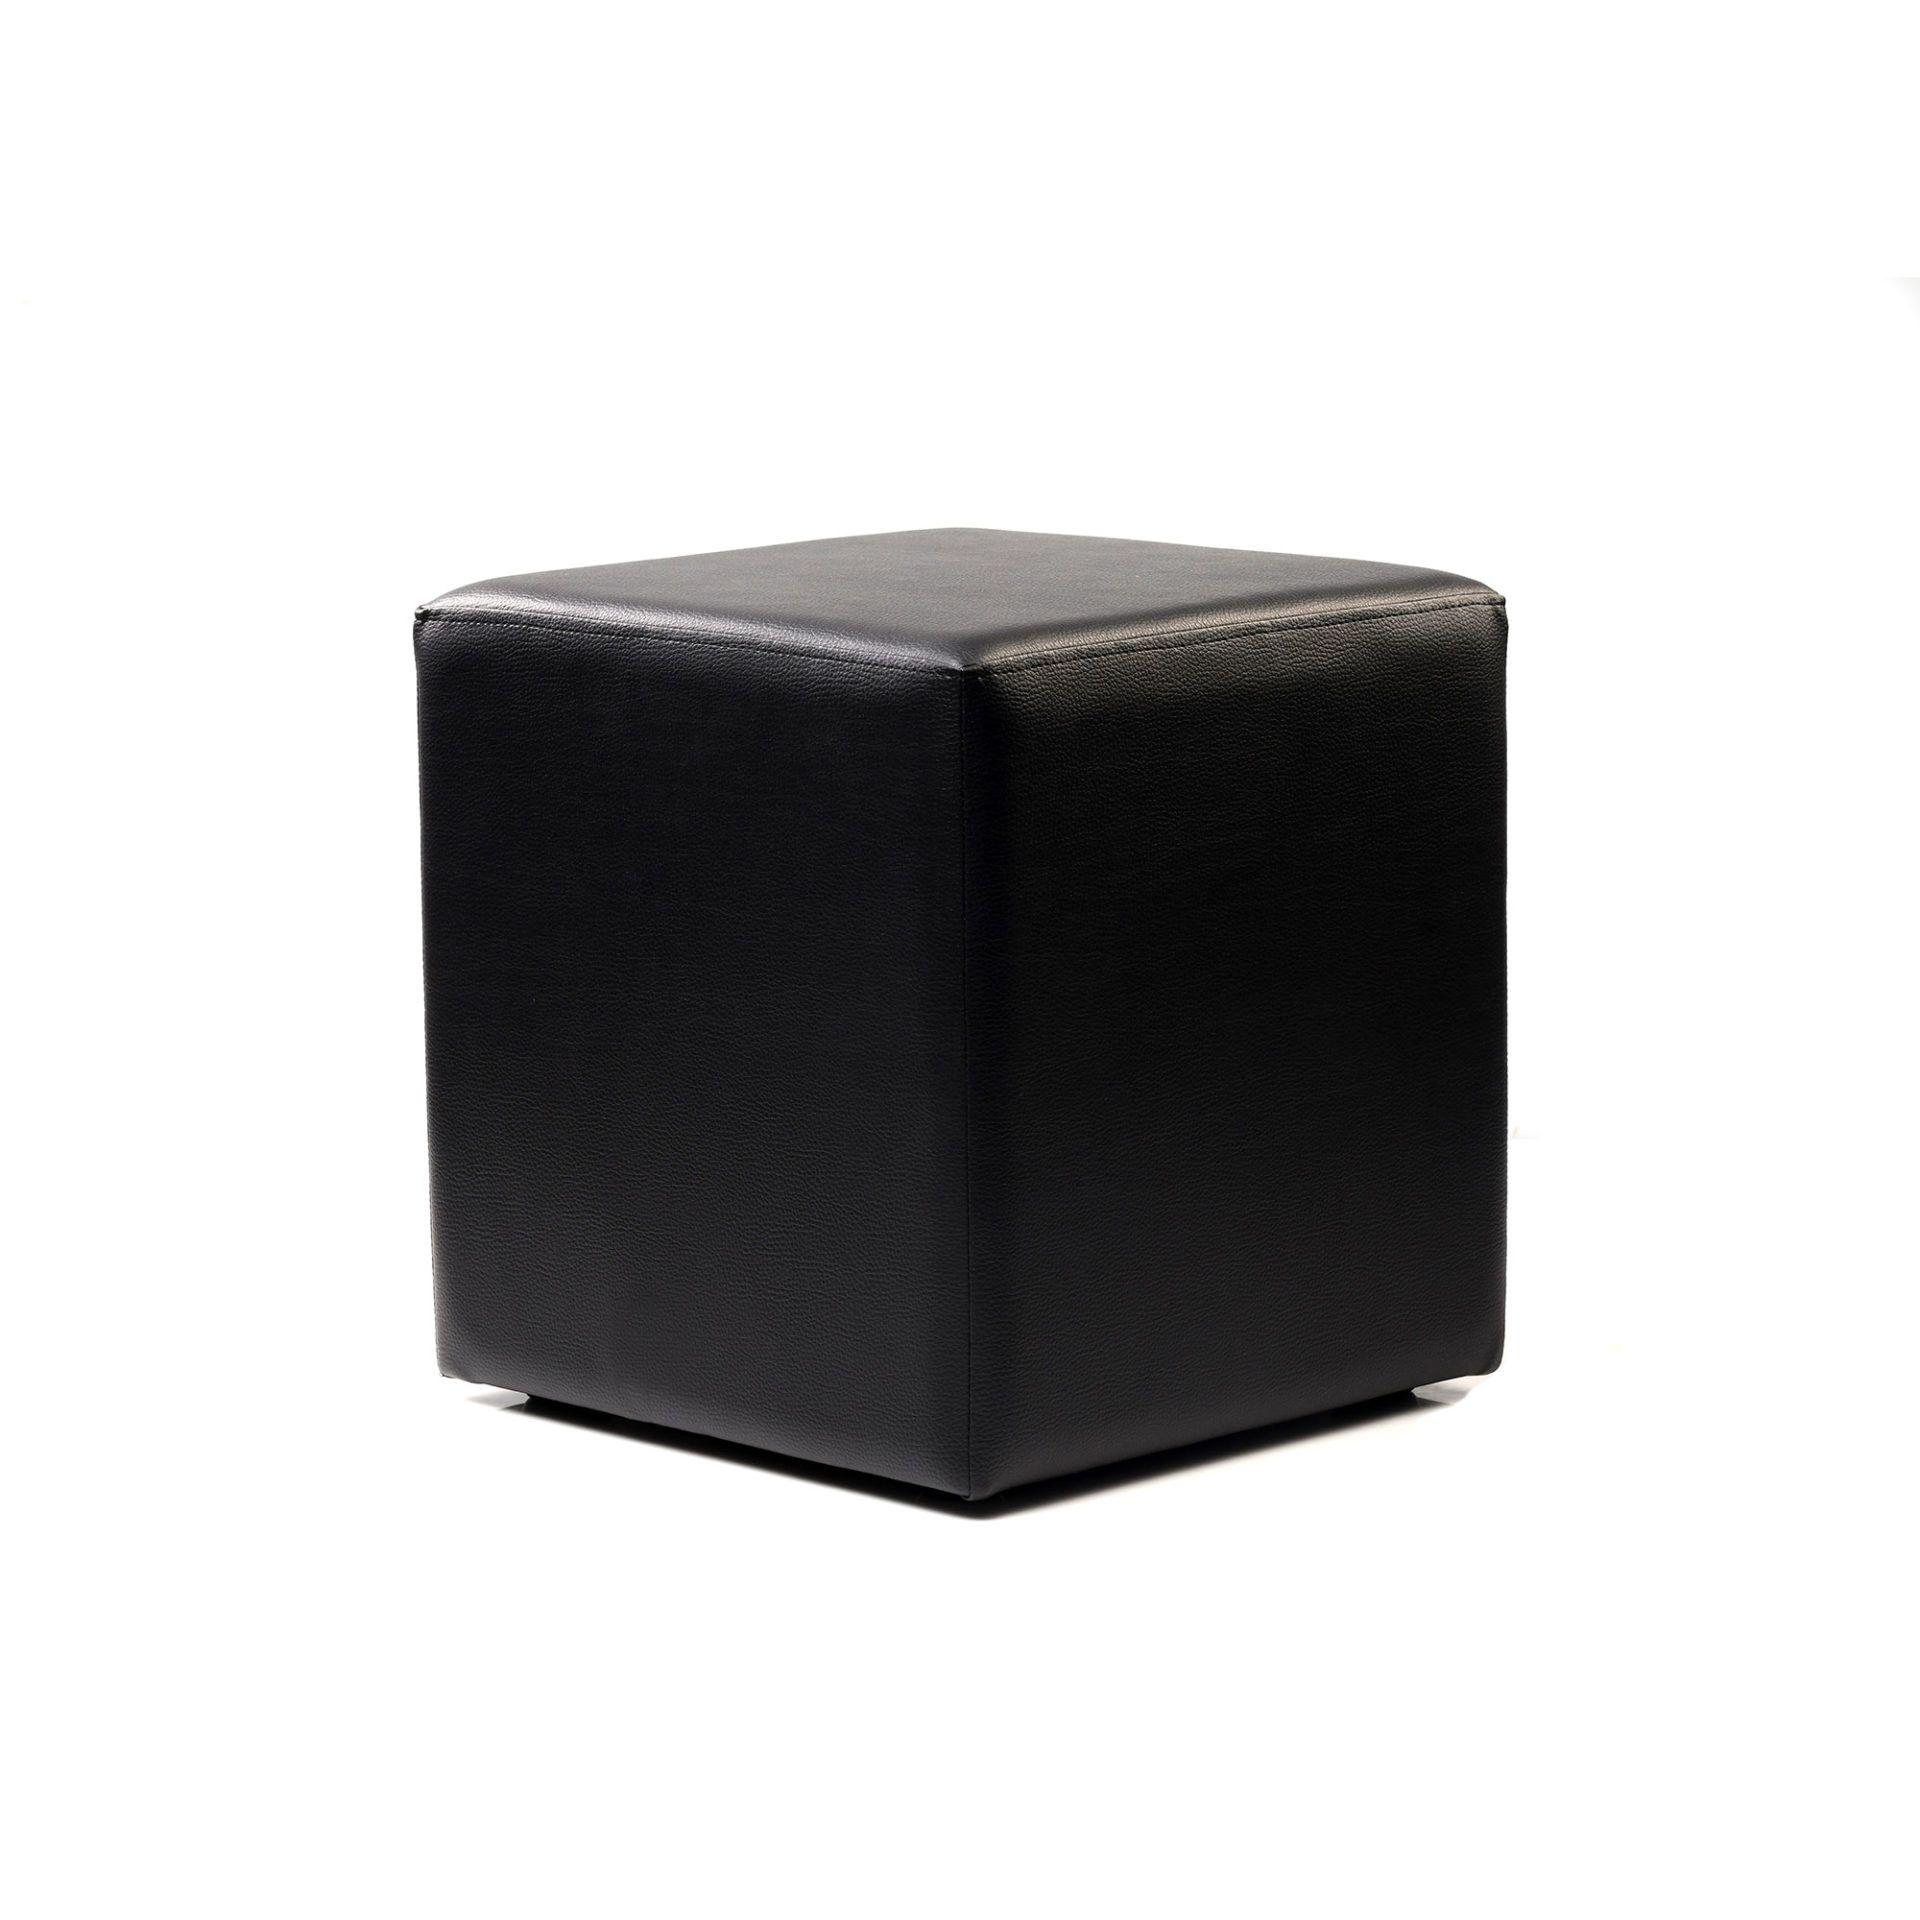 ottoman square black01 1